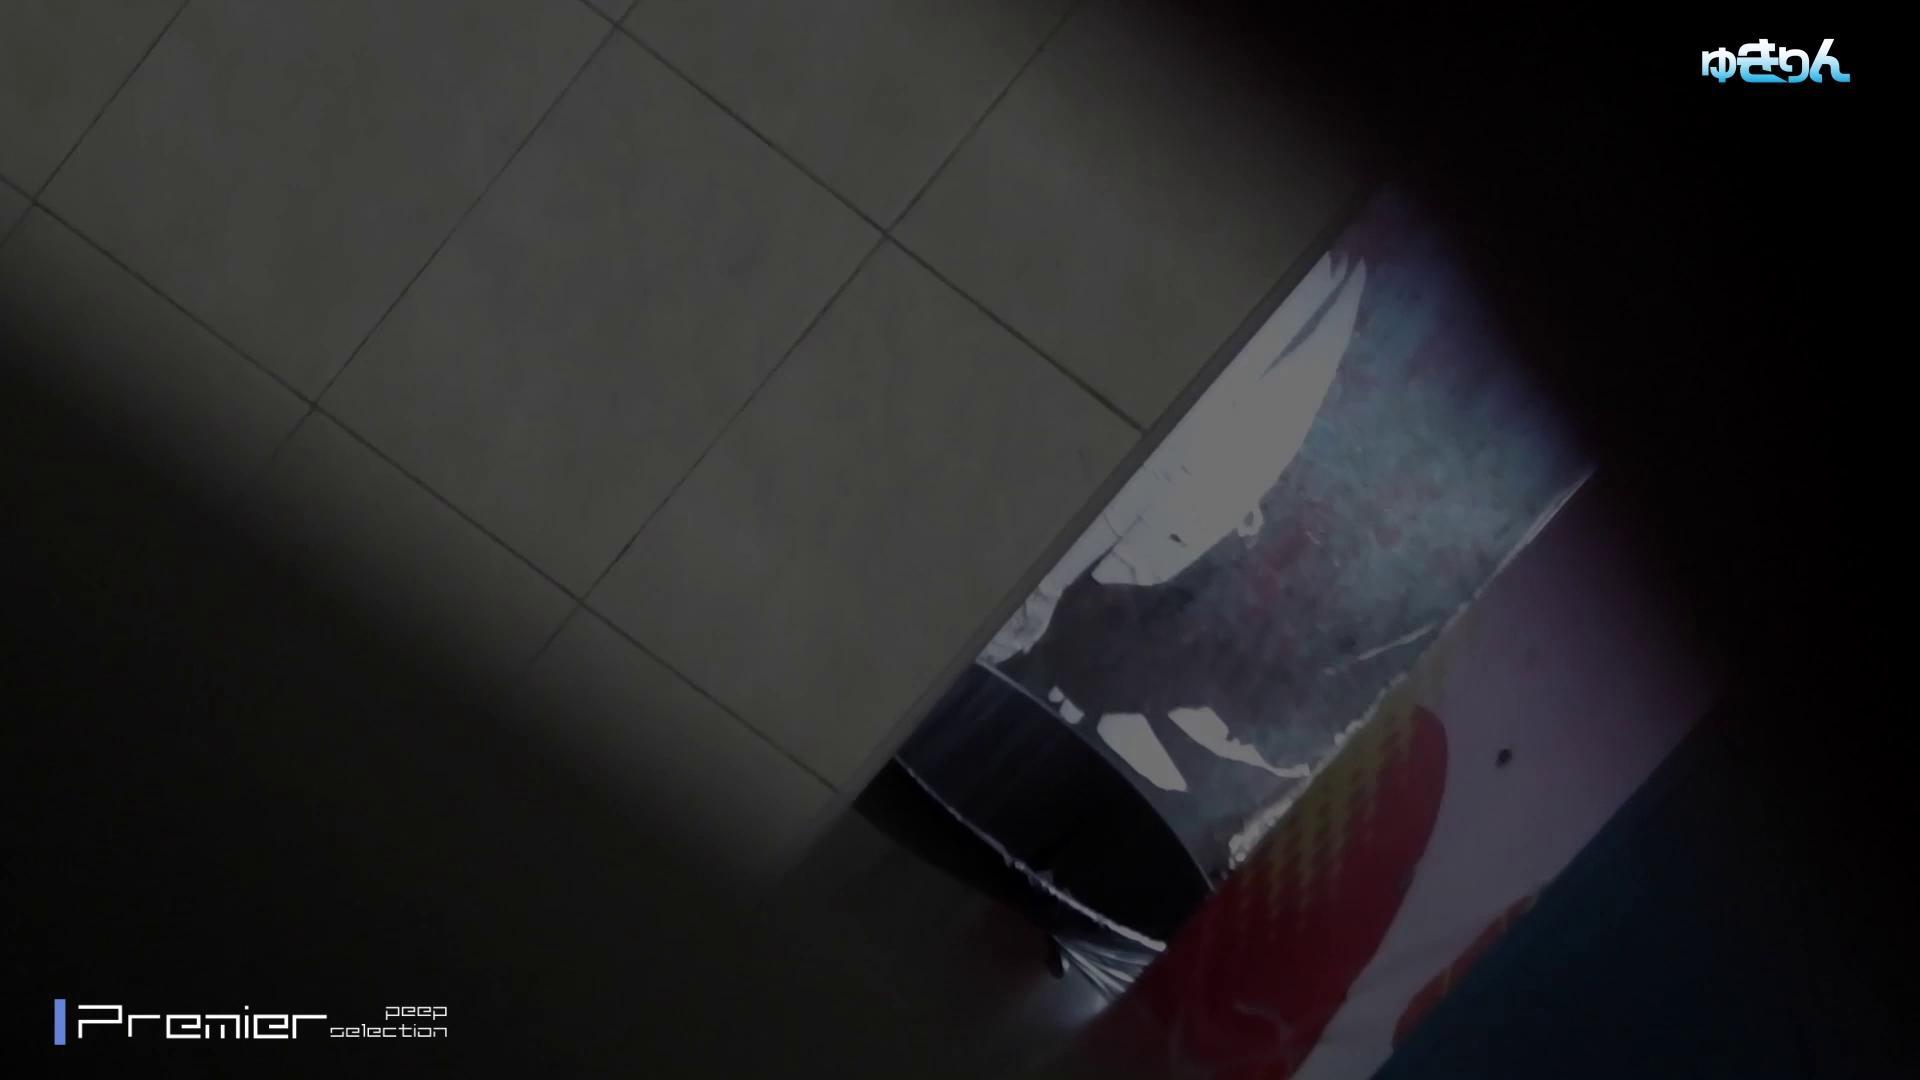 ステーション編 vol60 ユキリン粘着撮り!!今回はタイトなパンツが似合う美女 パンツ特集   美女  82画像 25